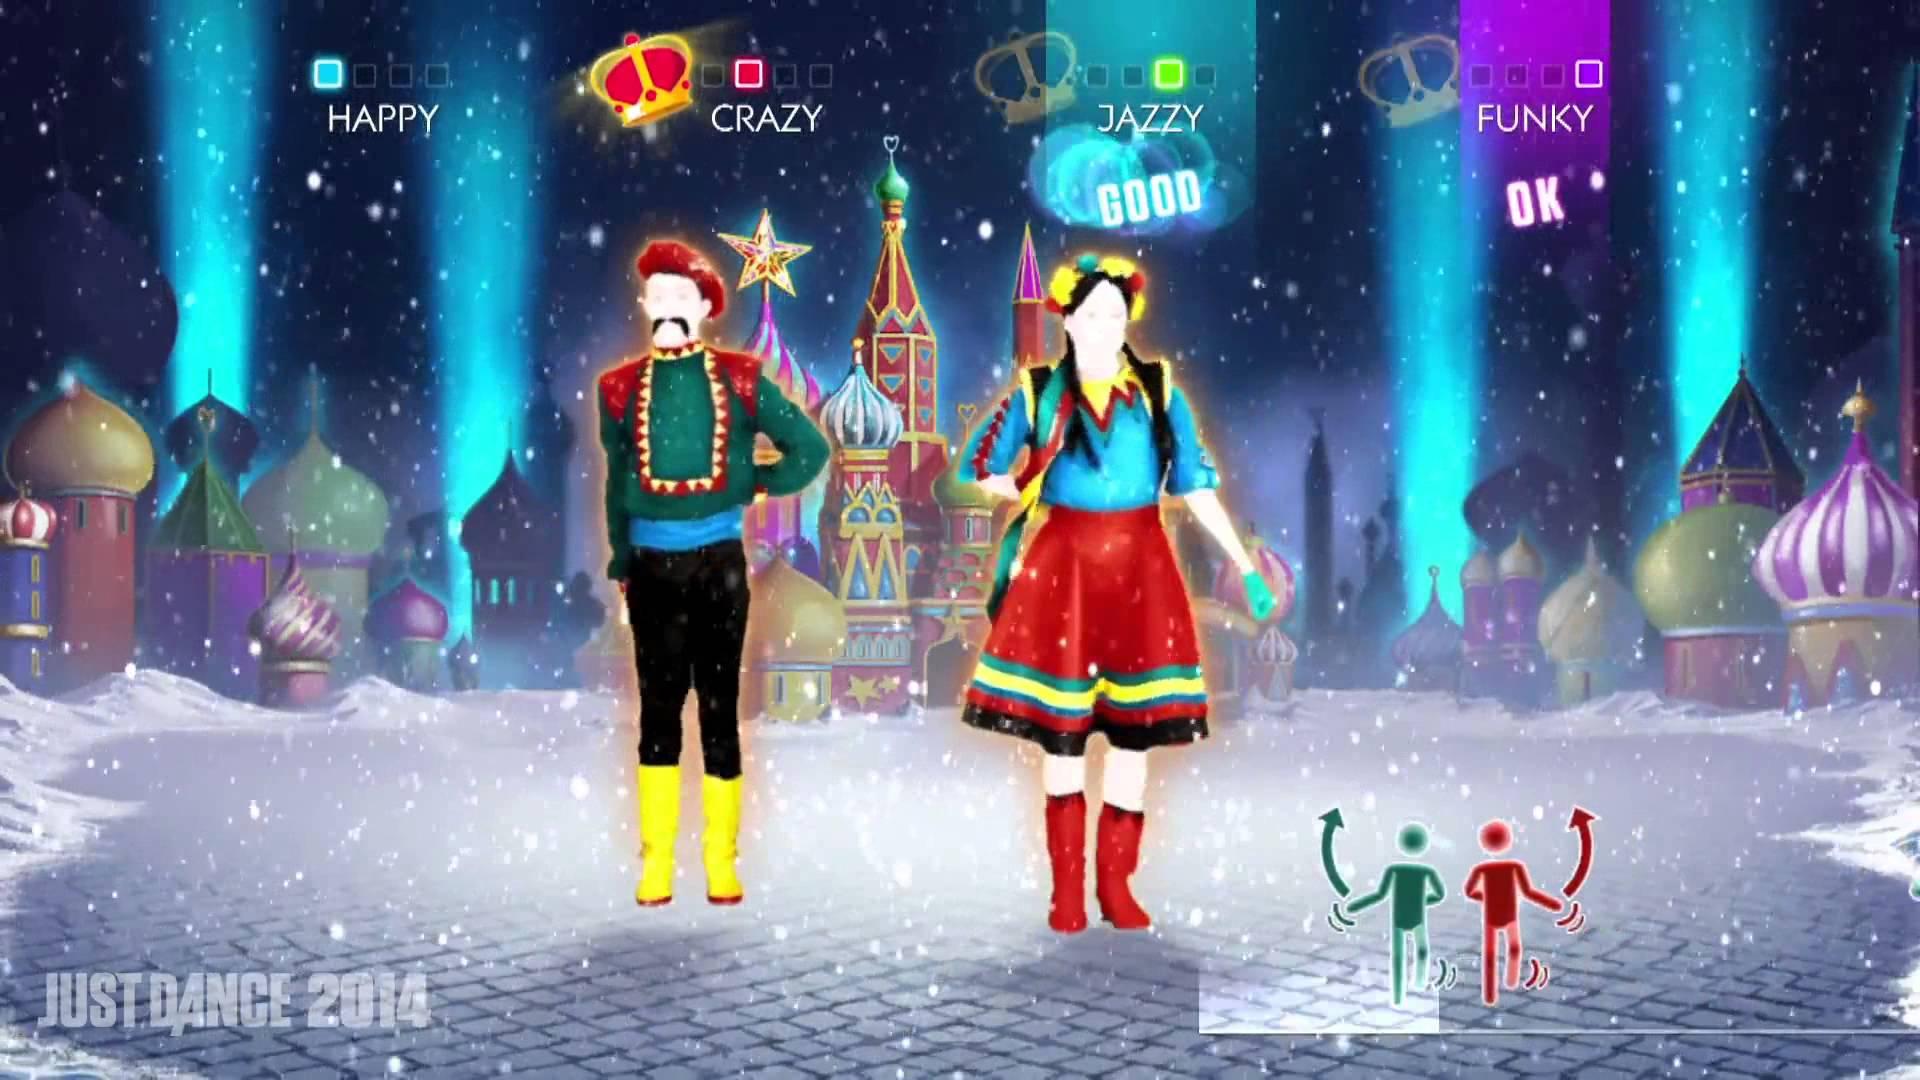 Moskau   Just Dance Wiki   Fandom powered by Wikia